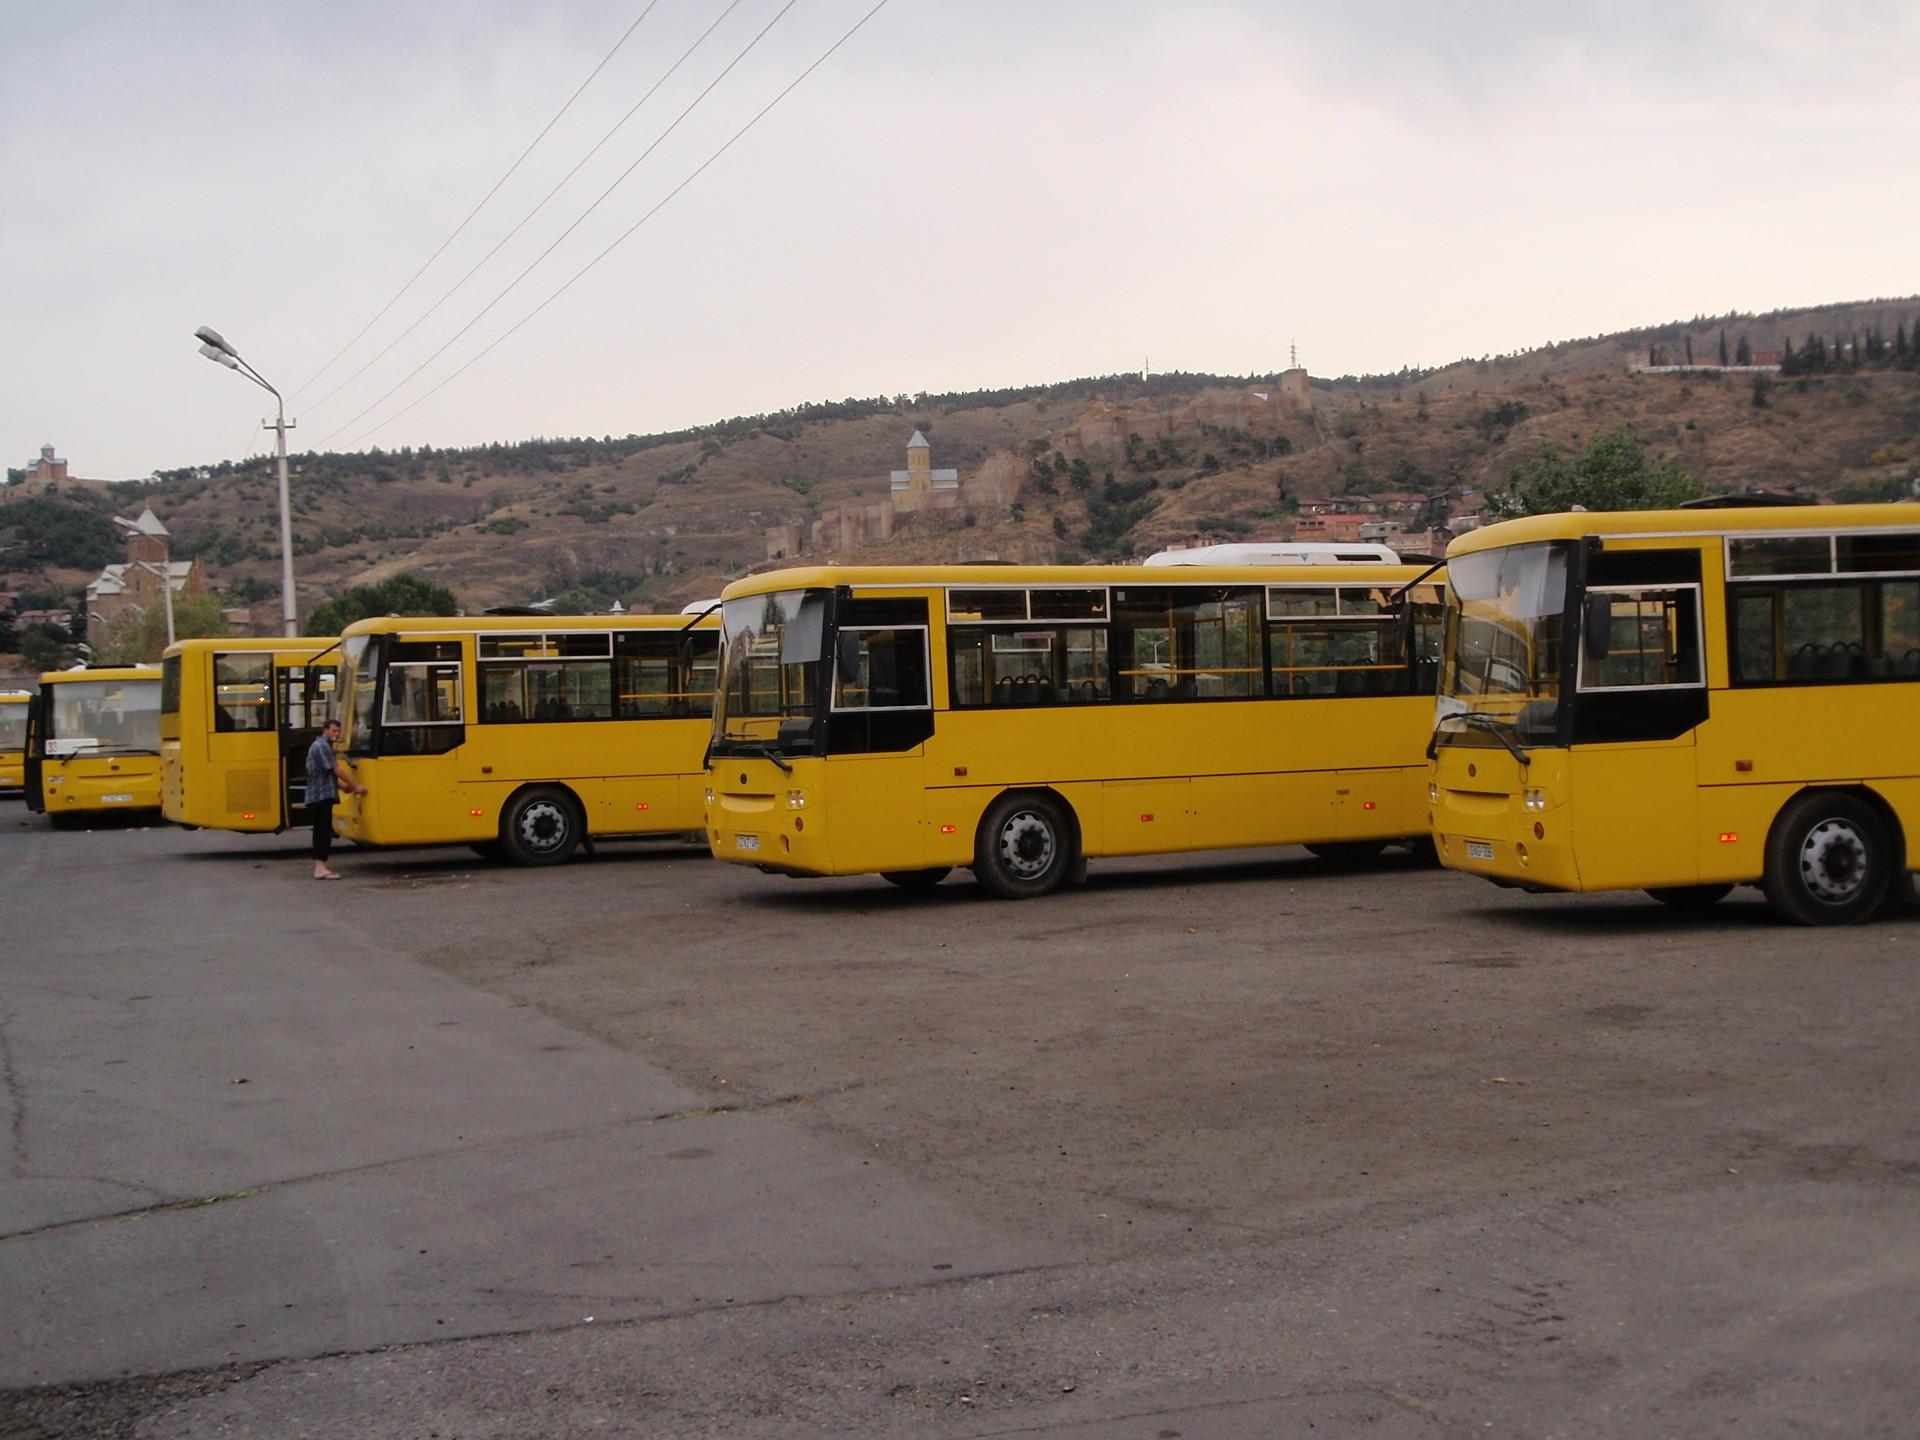 Modo de vida dos estudantes em Tbilisi, Geórgia, Parte II